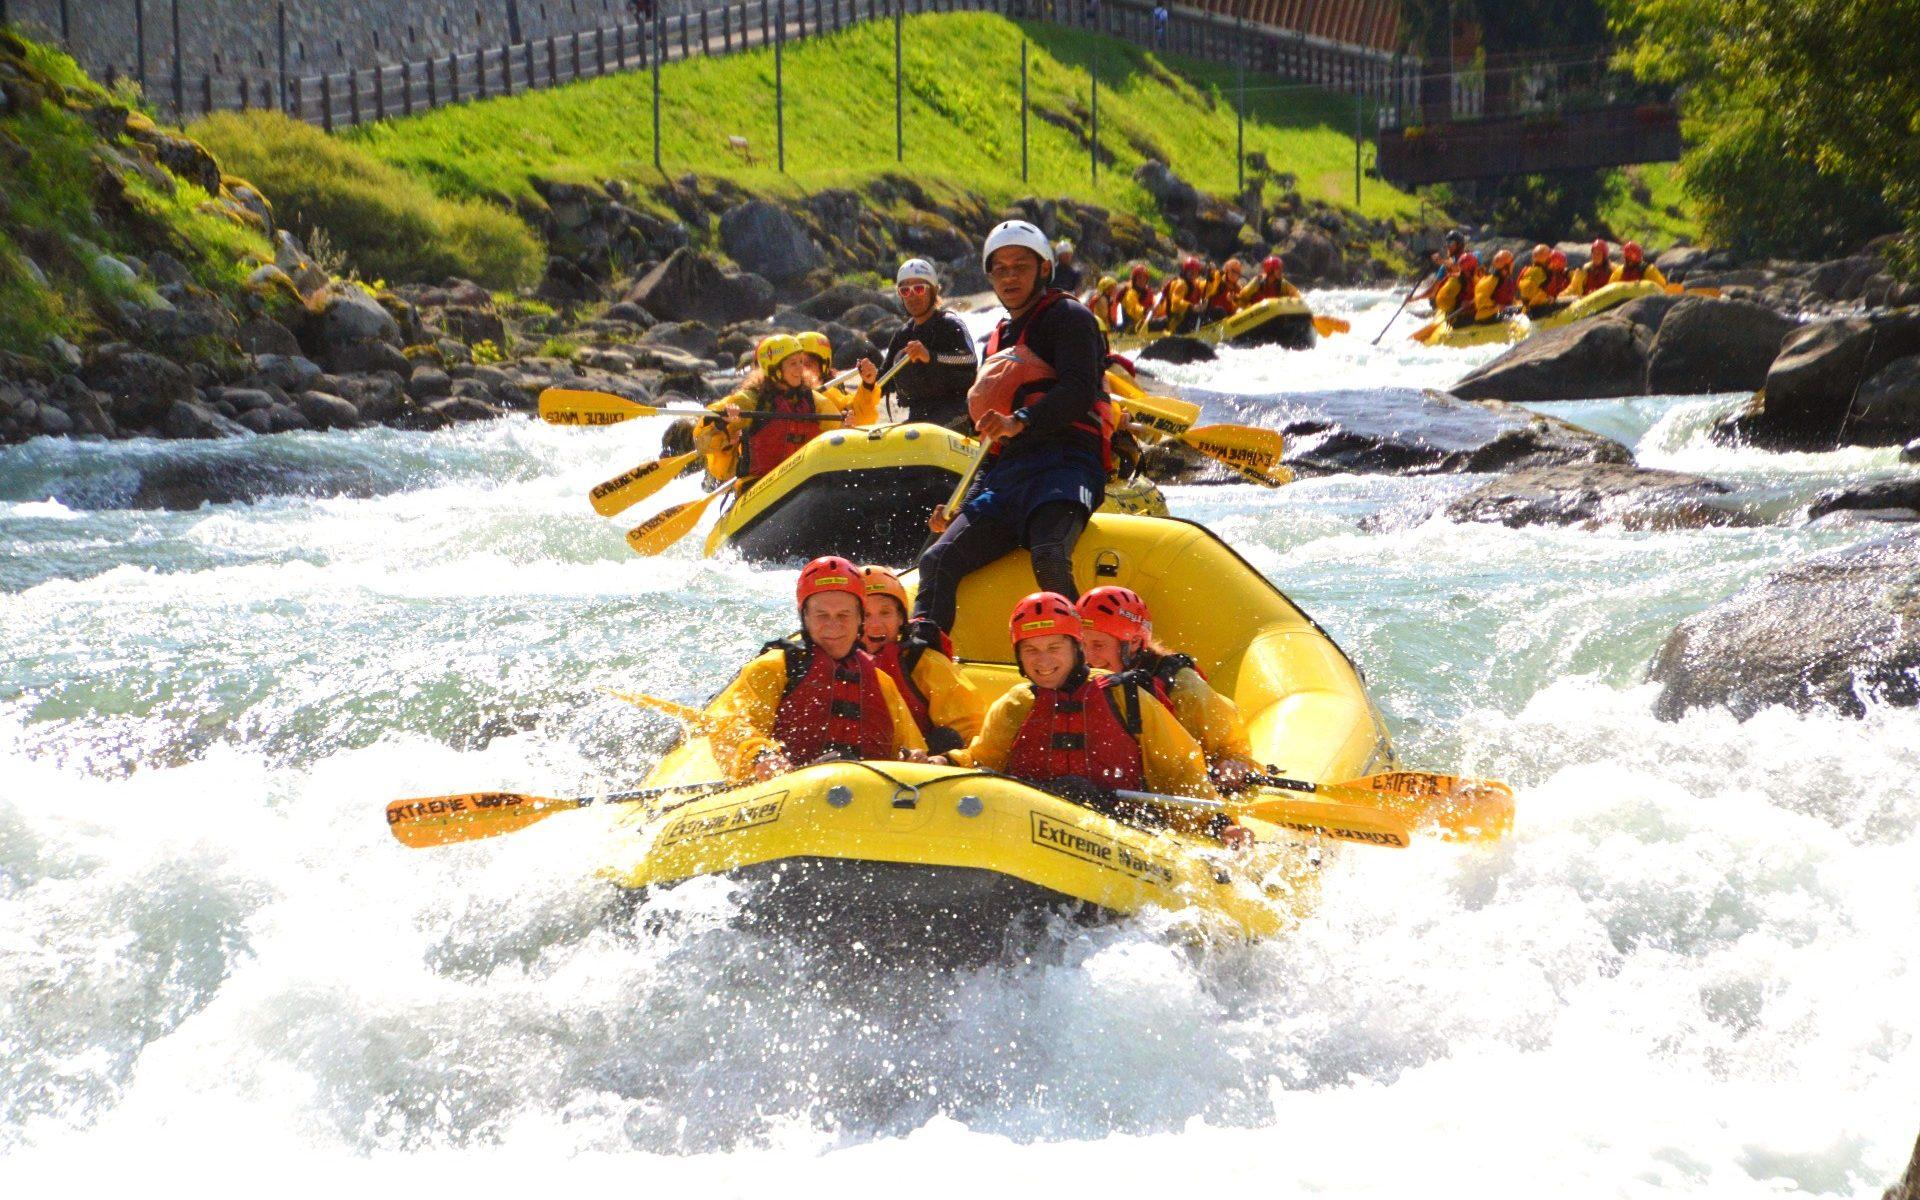 Quattro gommoni scendono il fiume Noce durante il rafting in Val di Sole.